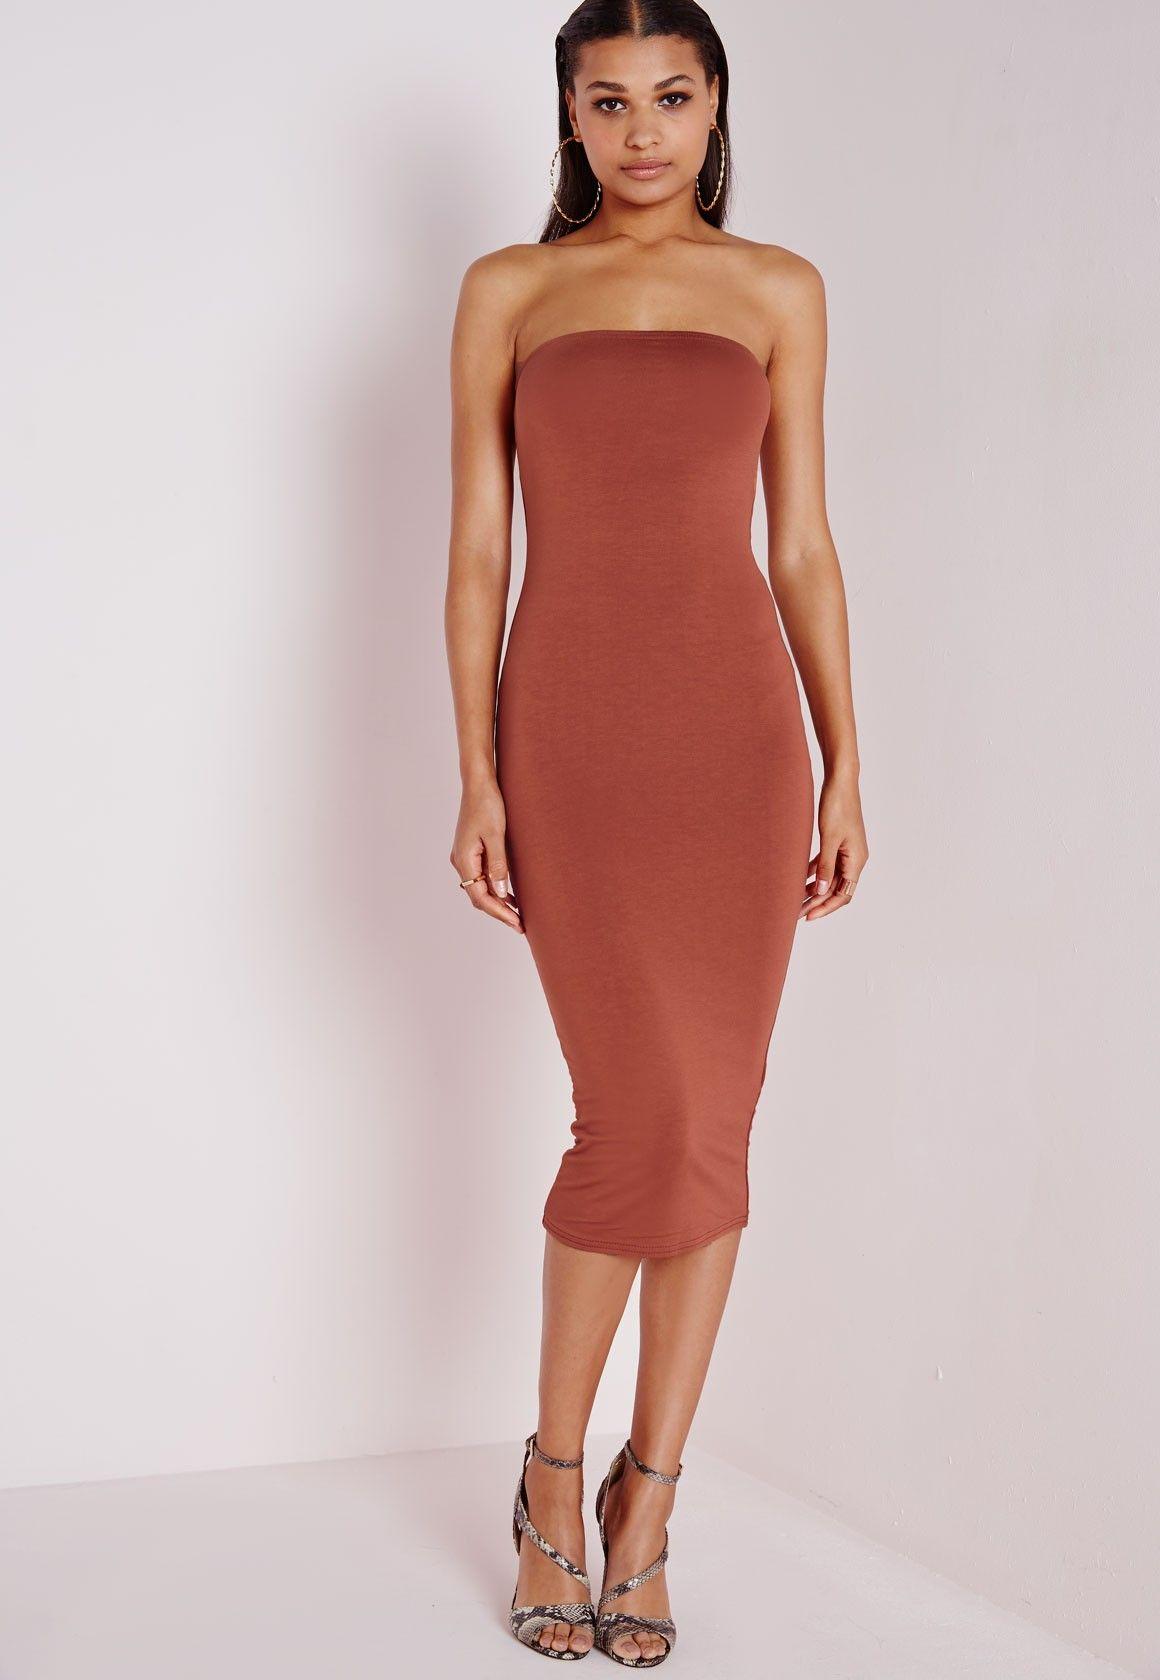 Missguided Dresses Rust Dress Midi Bandeau Jersey 4qTZvv